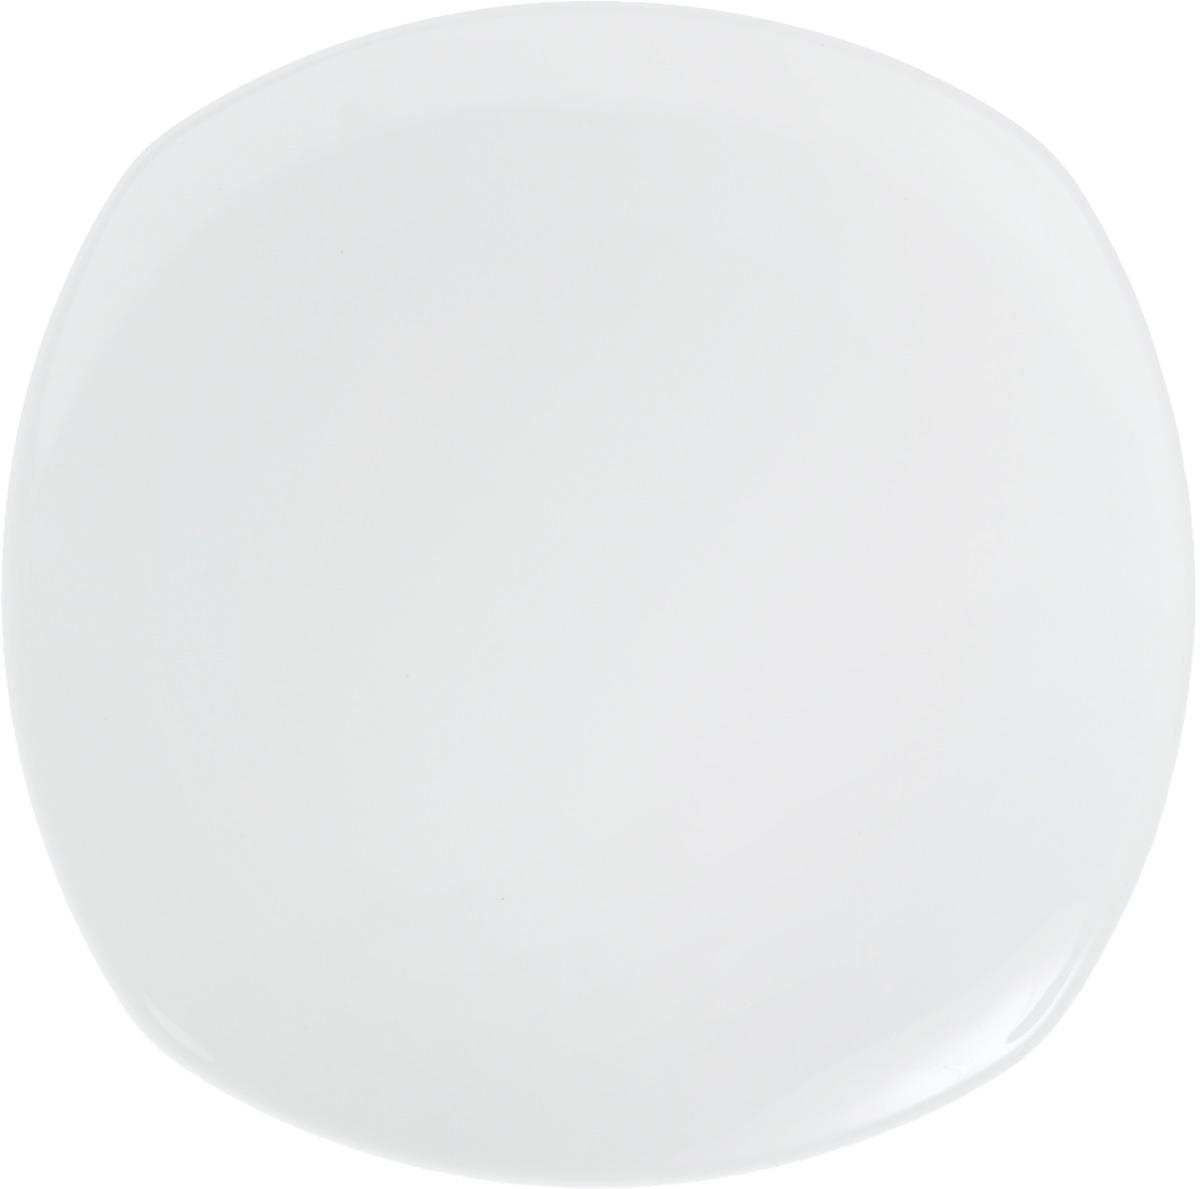 Тарелка Wilmax, 28 х 28 см073442Тарелка Wilmax, изготовленная из высококачественного фарфора, имеет оригинальную. Изящный дизайн придется по вкусу и ценителям классики, и тем, кто предпочитает утонченность и изысканность. Тарелка Wilmax идеально подойдет для сервировки стола и станет отличным подарком к любому празднику.Размер тарелки (по верхнему краю): 27 х 27 см.